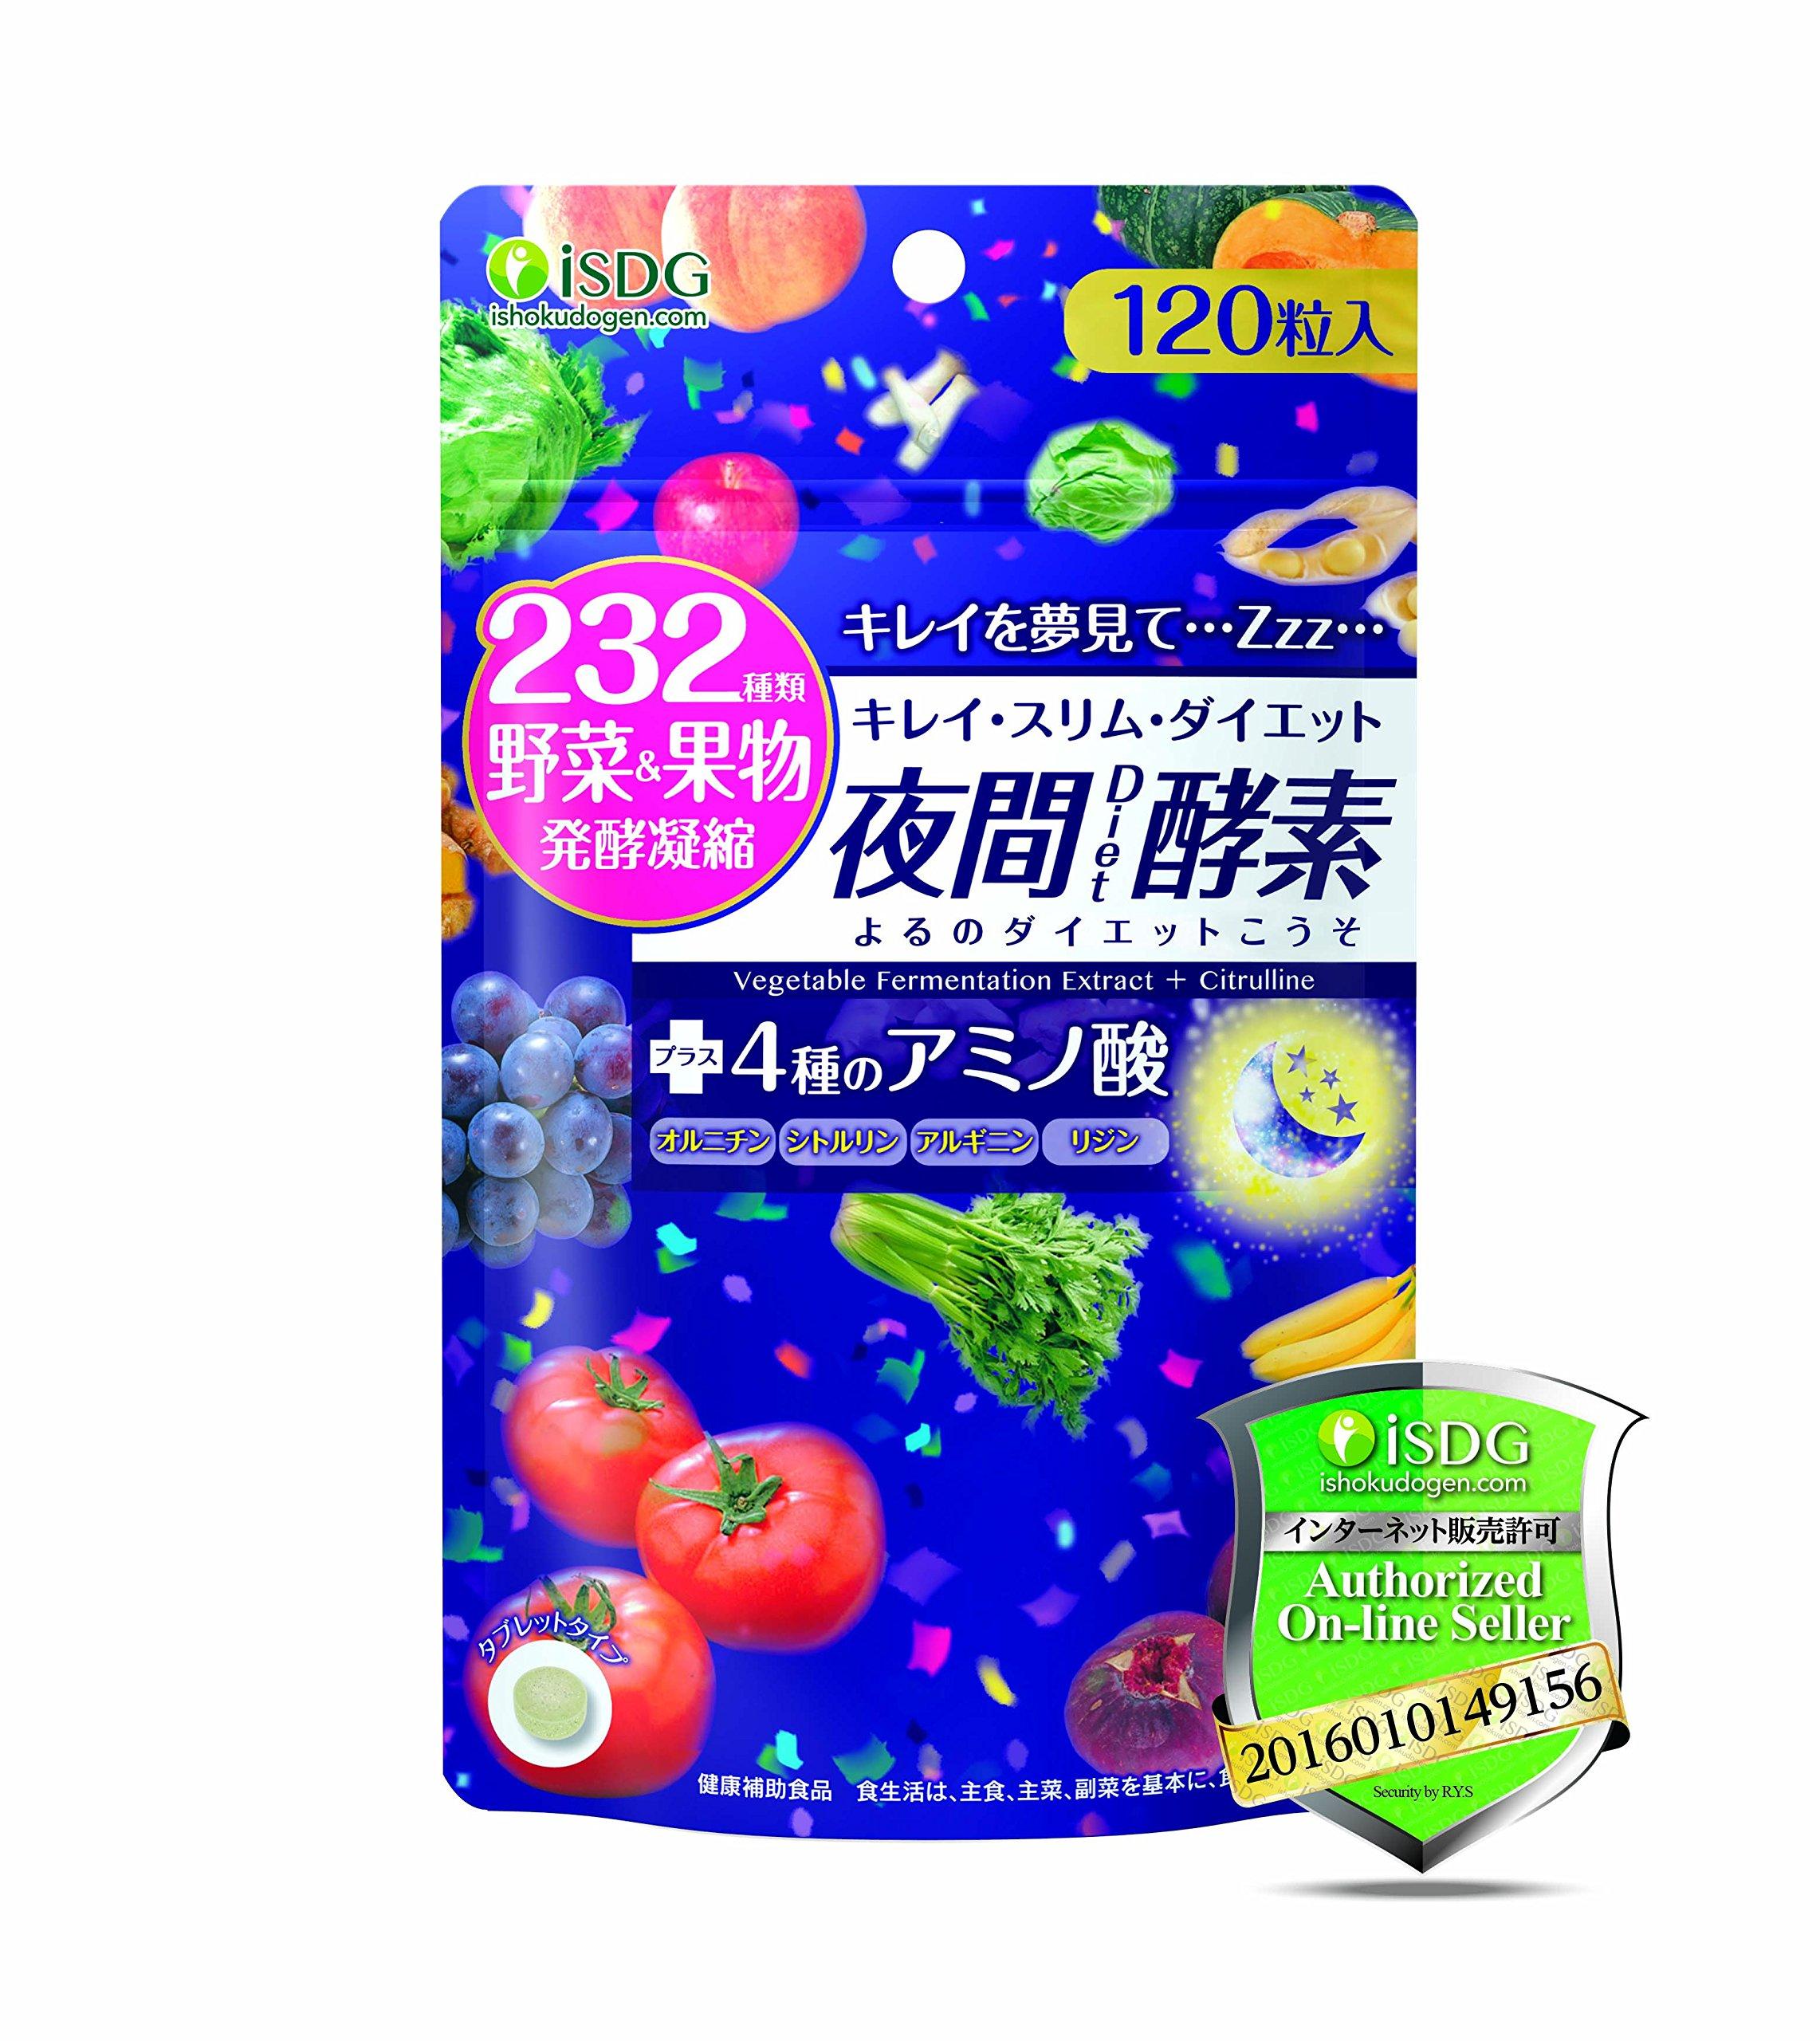 Ishokudogen iSDG 232 NIGHT Diet Enzyme 120-Tablets (5 Set)